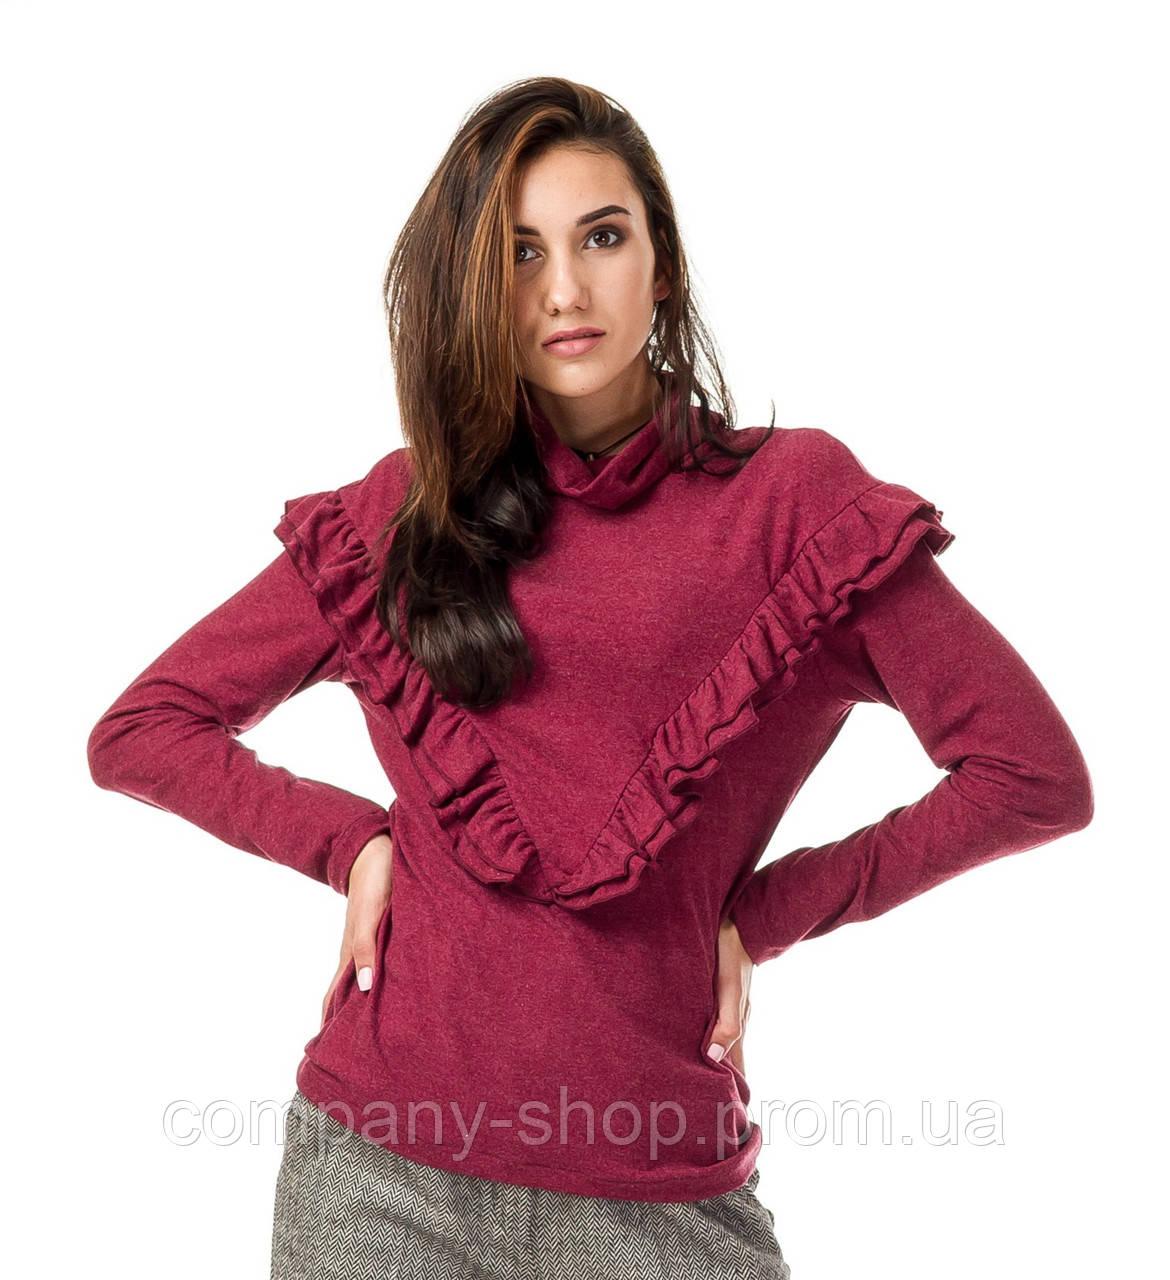 Женский джемпер с высоким воротником и рюшами. Модель К082_бордо поливискон.